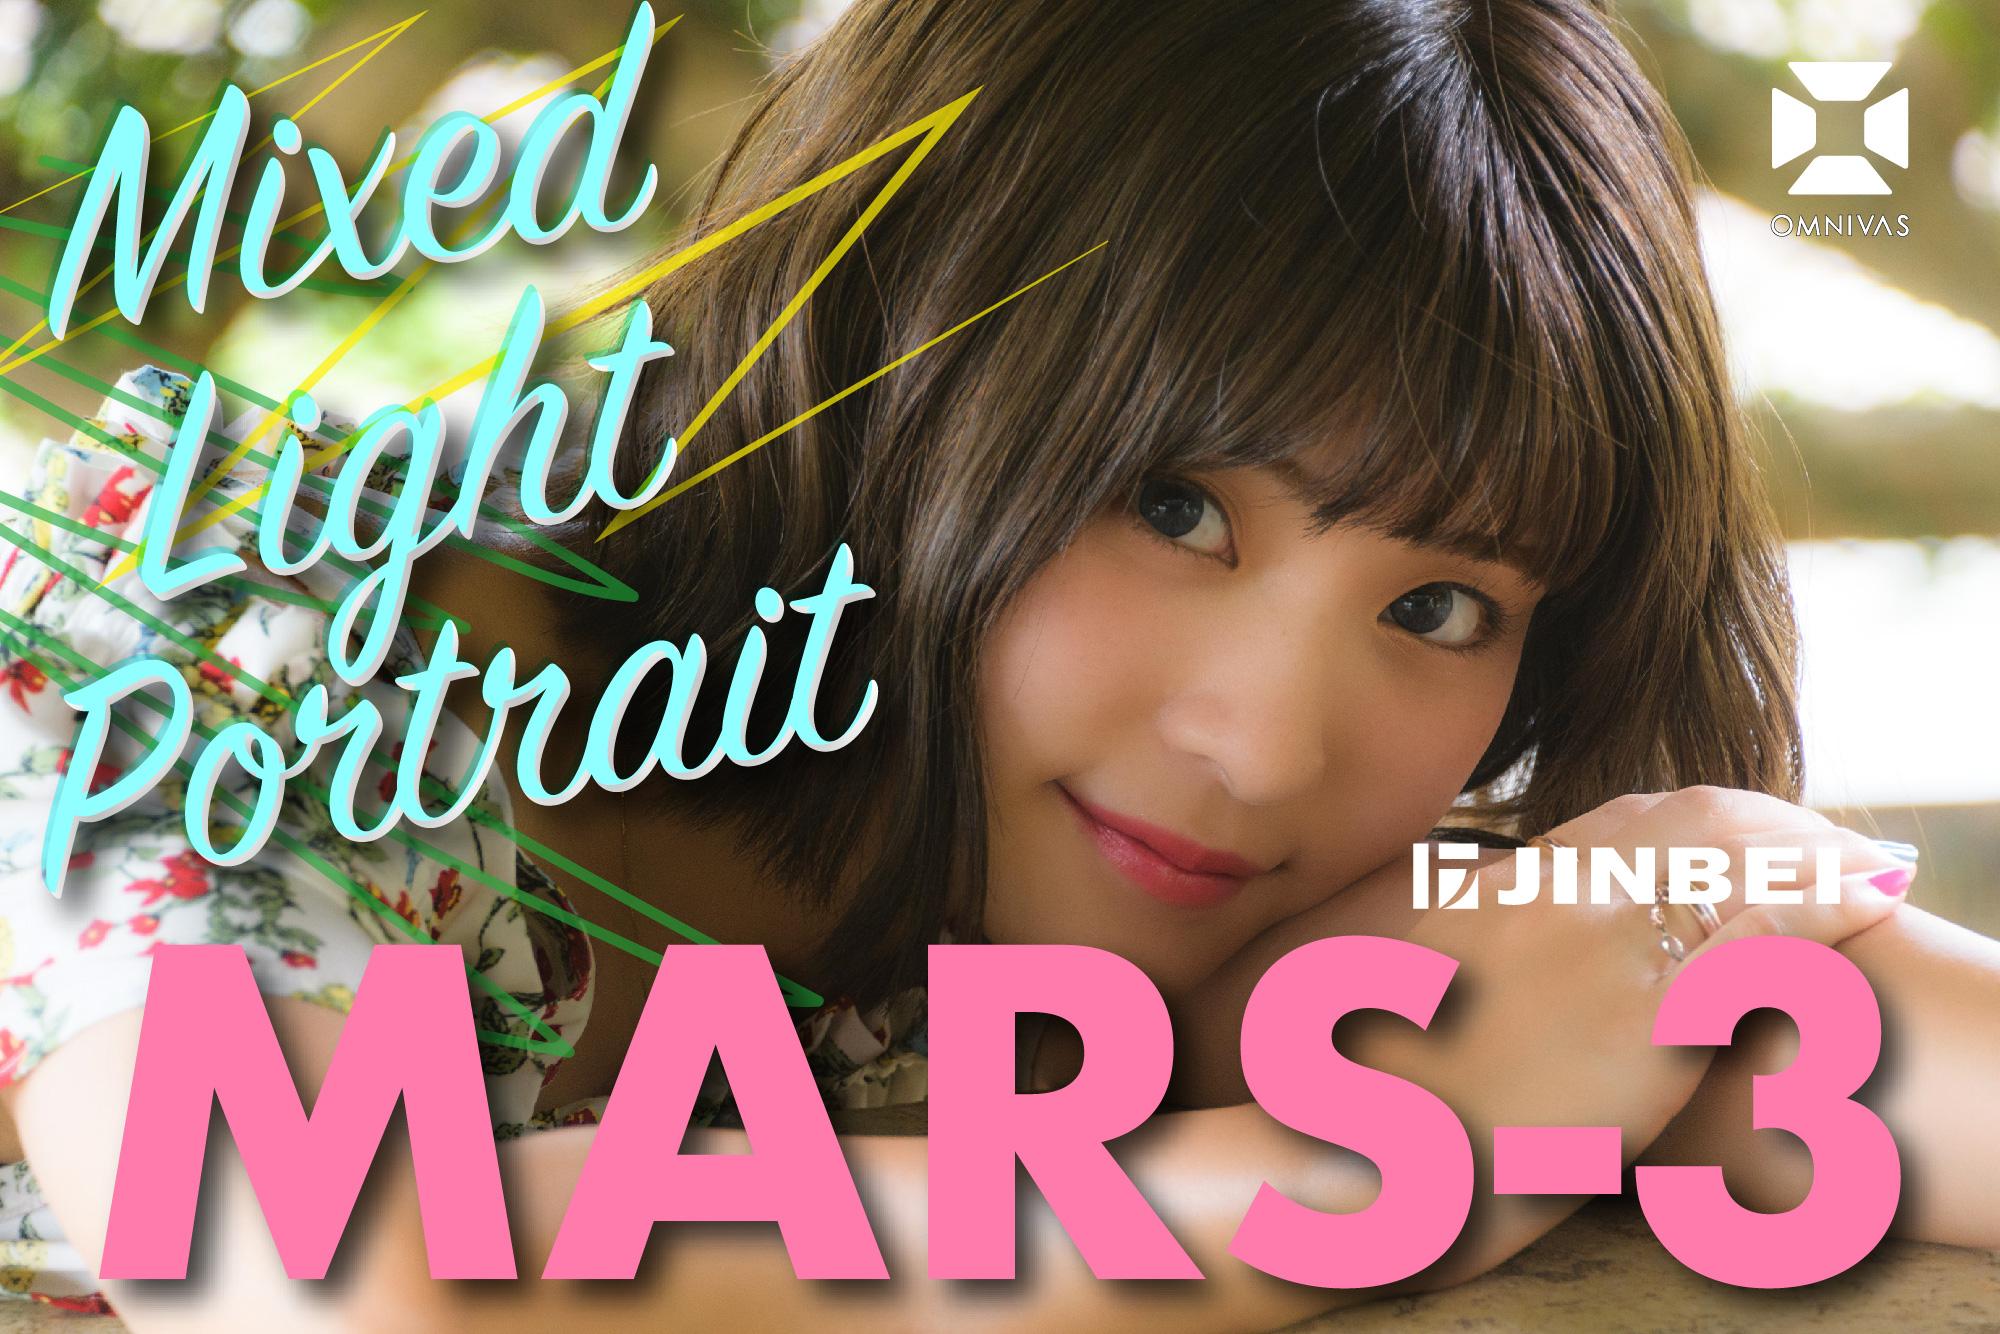 【自然光+ストロボ】男性カメラマン、衣装選びがワンピースに行き着く説【MARS3でミックスライティング】